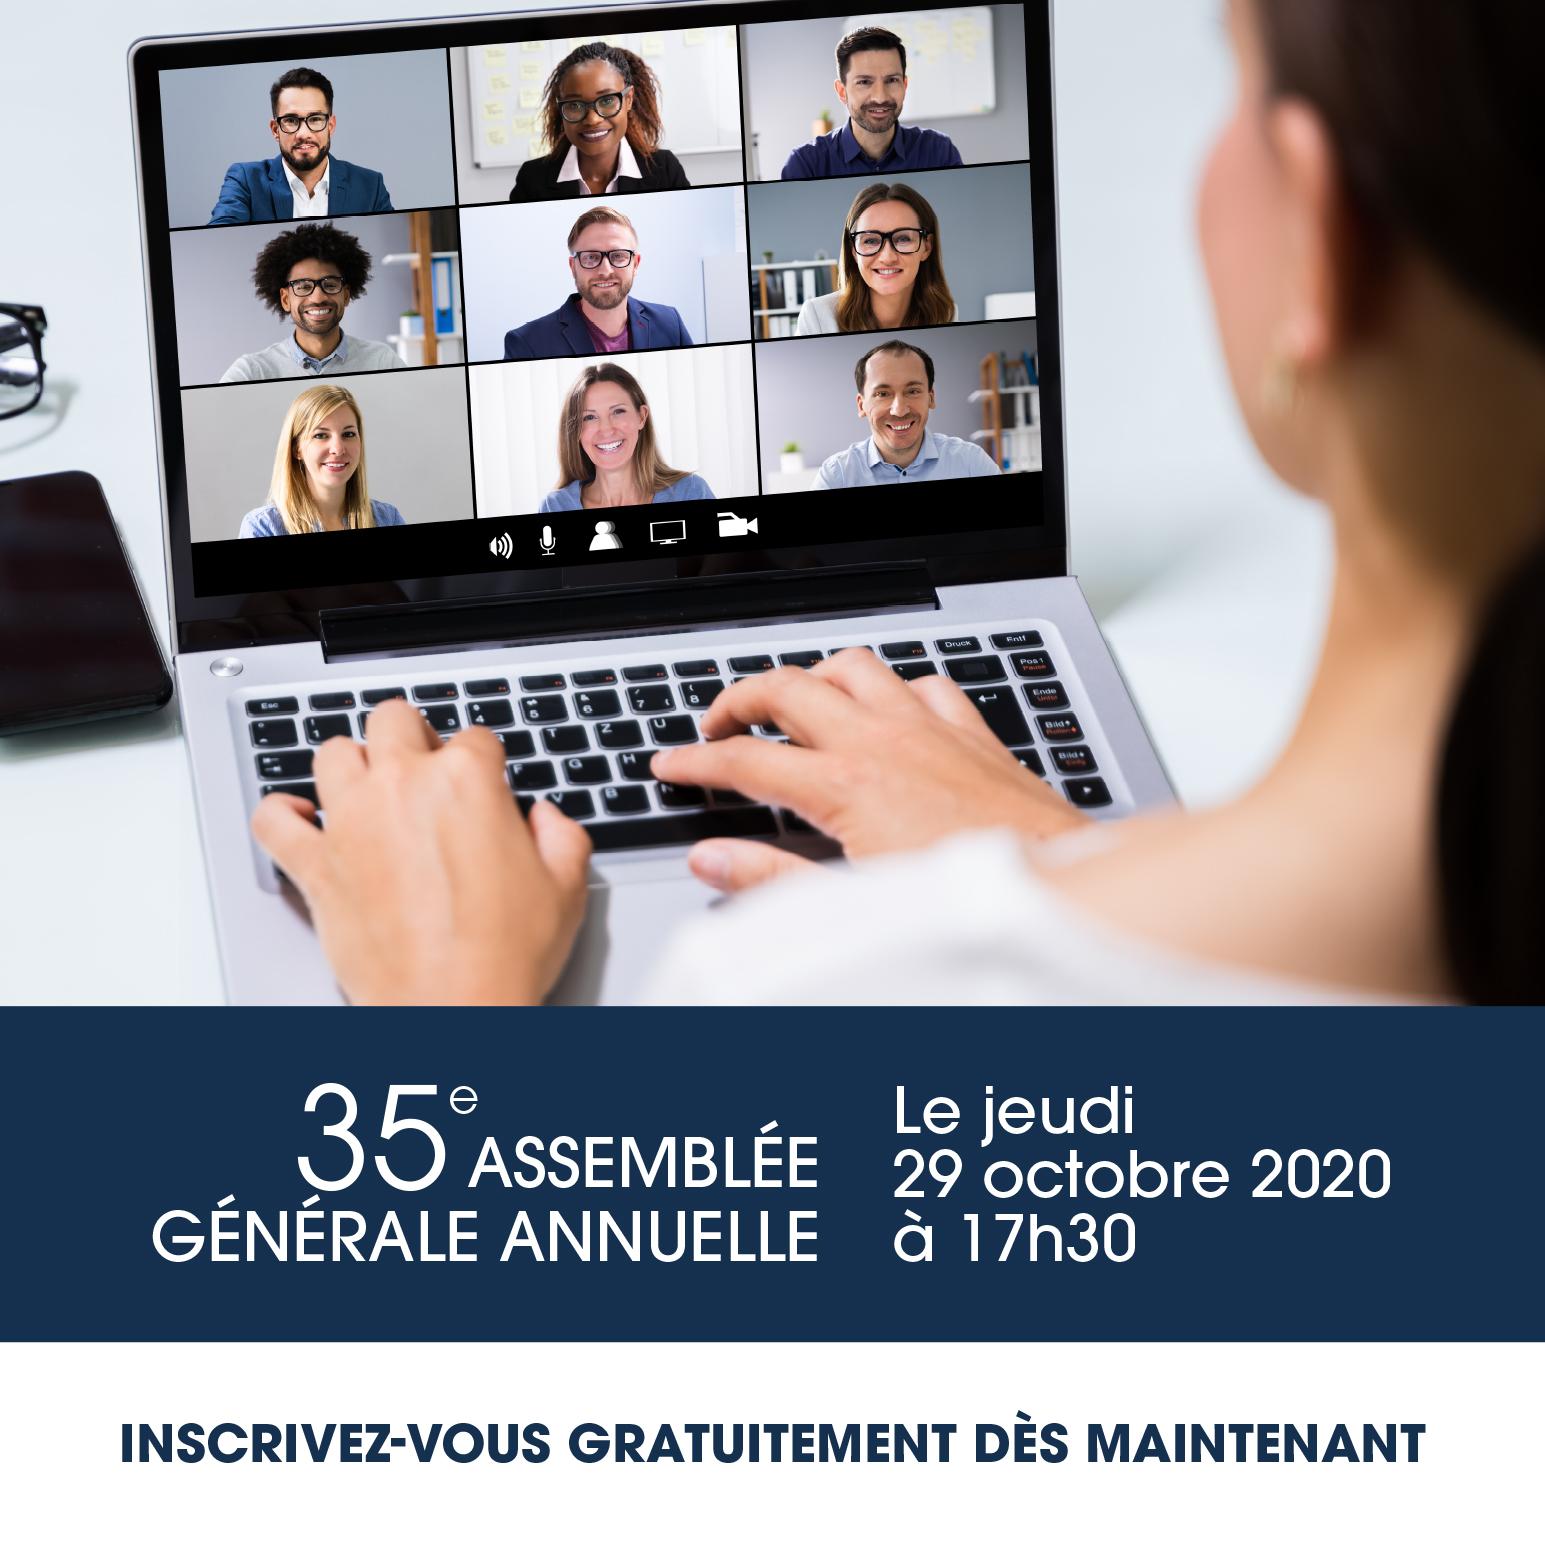 35e édition de l'assemblée générale annuelle